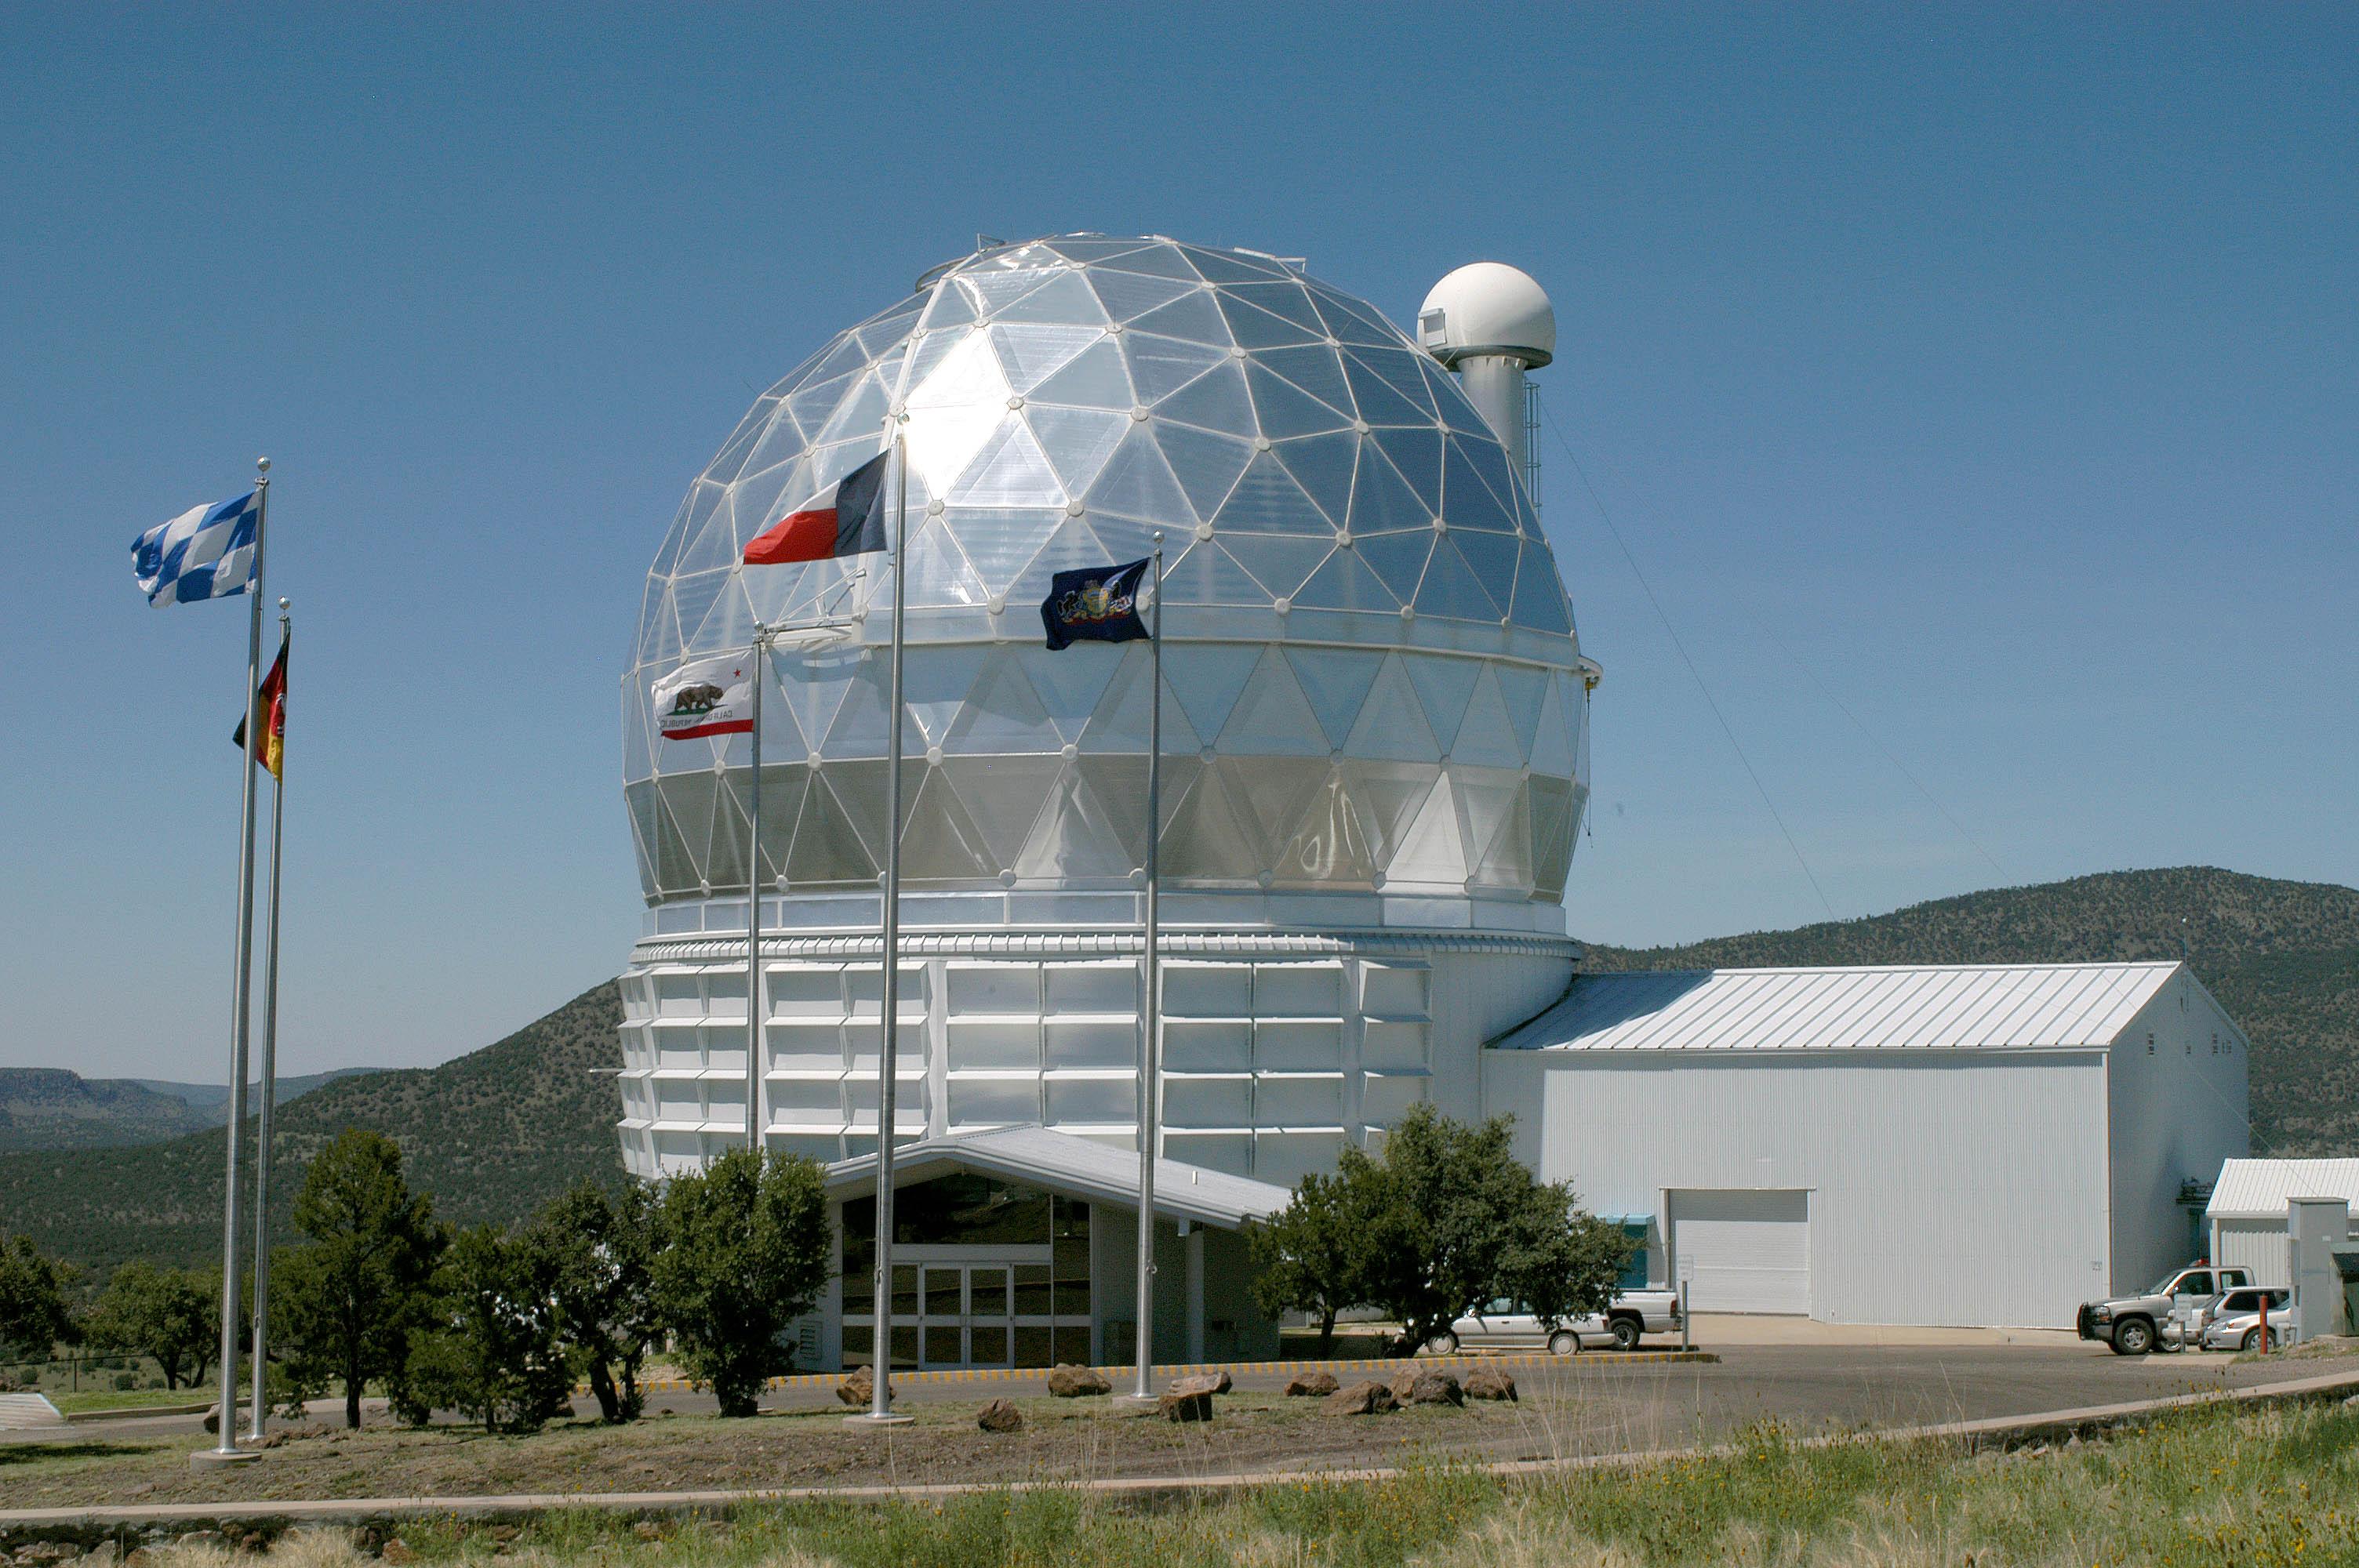 Depiction of Telescopio Hobby-Eberly